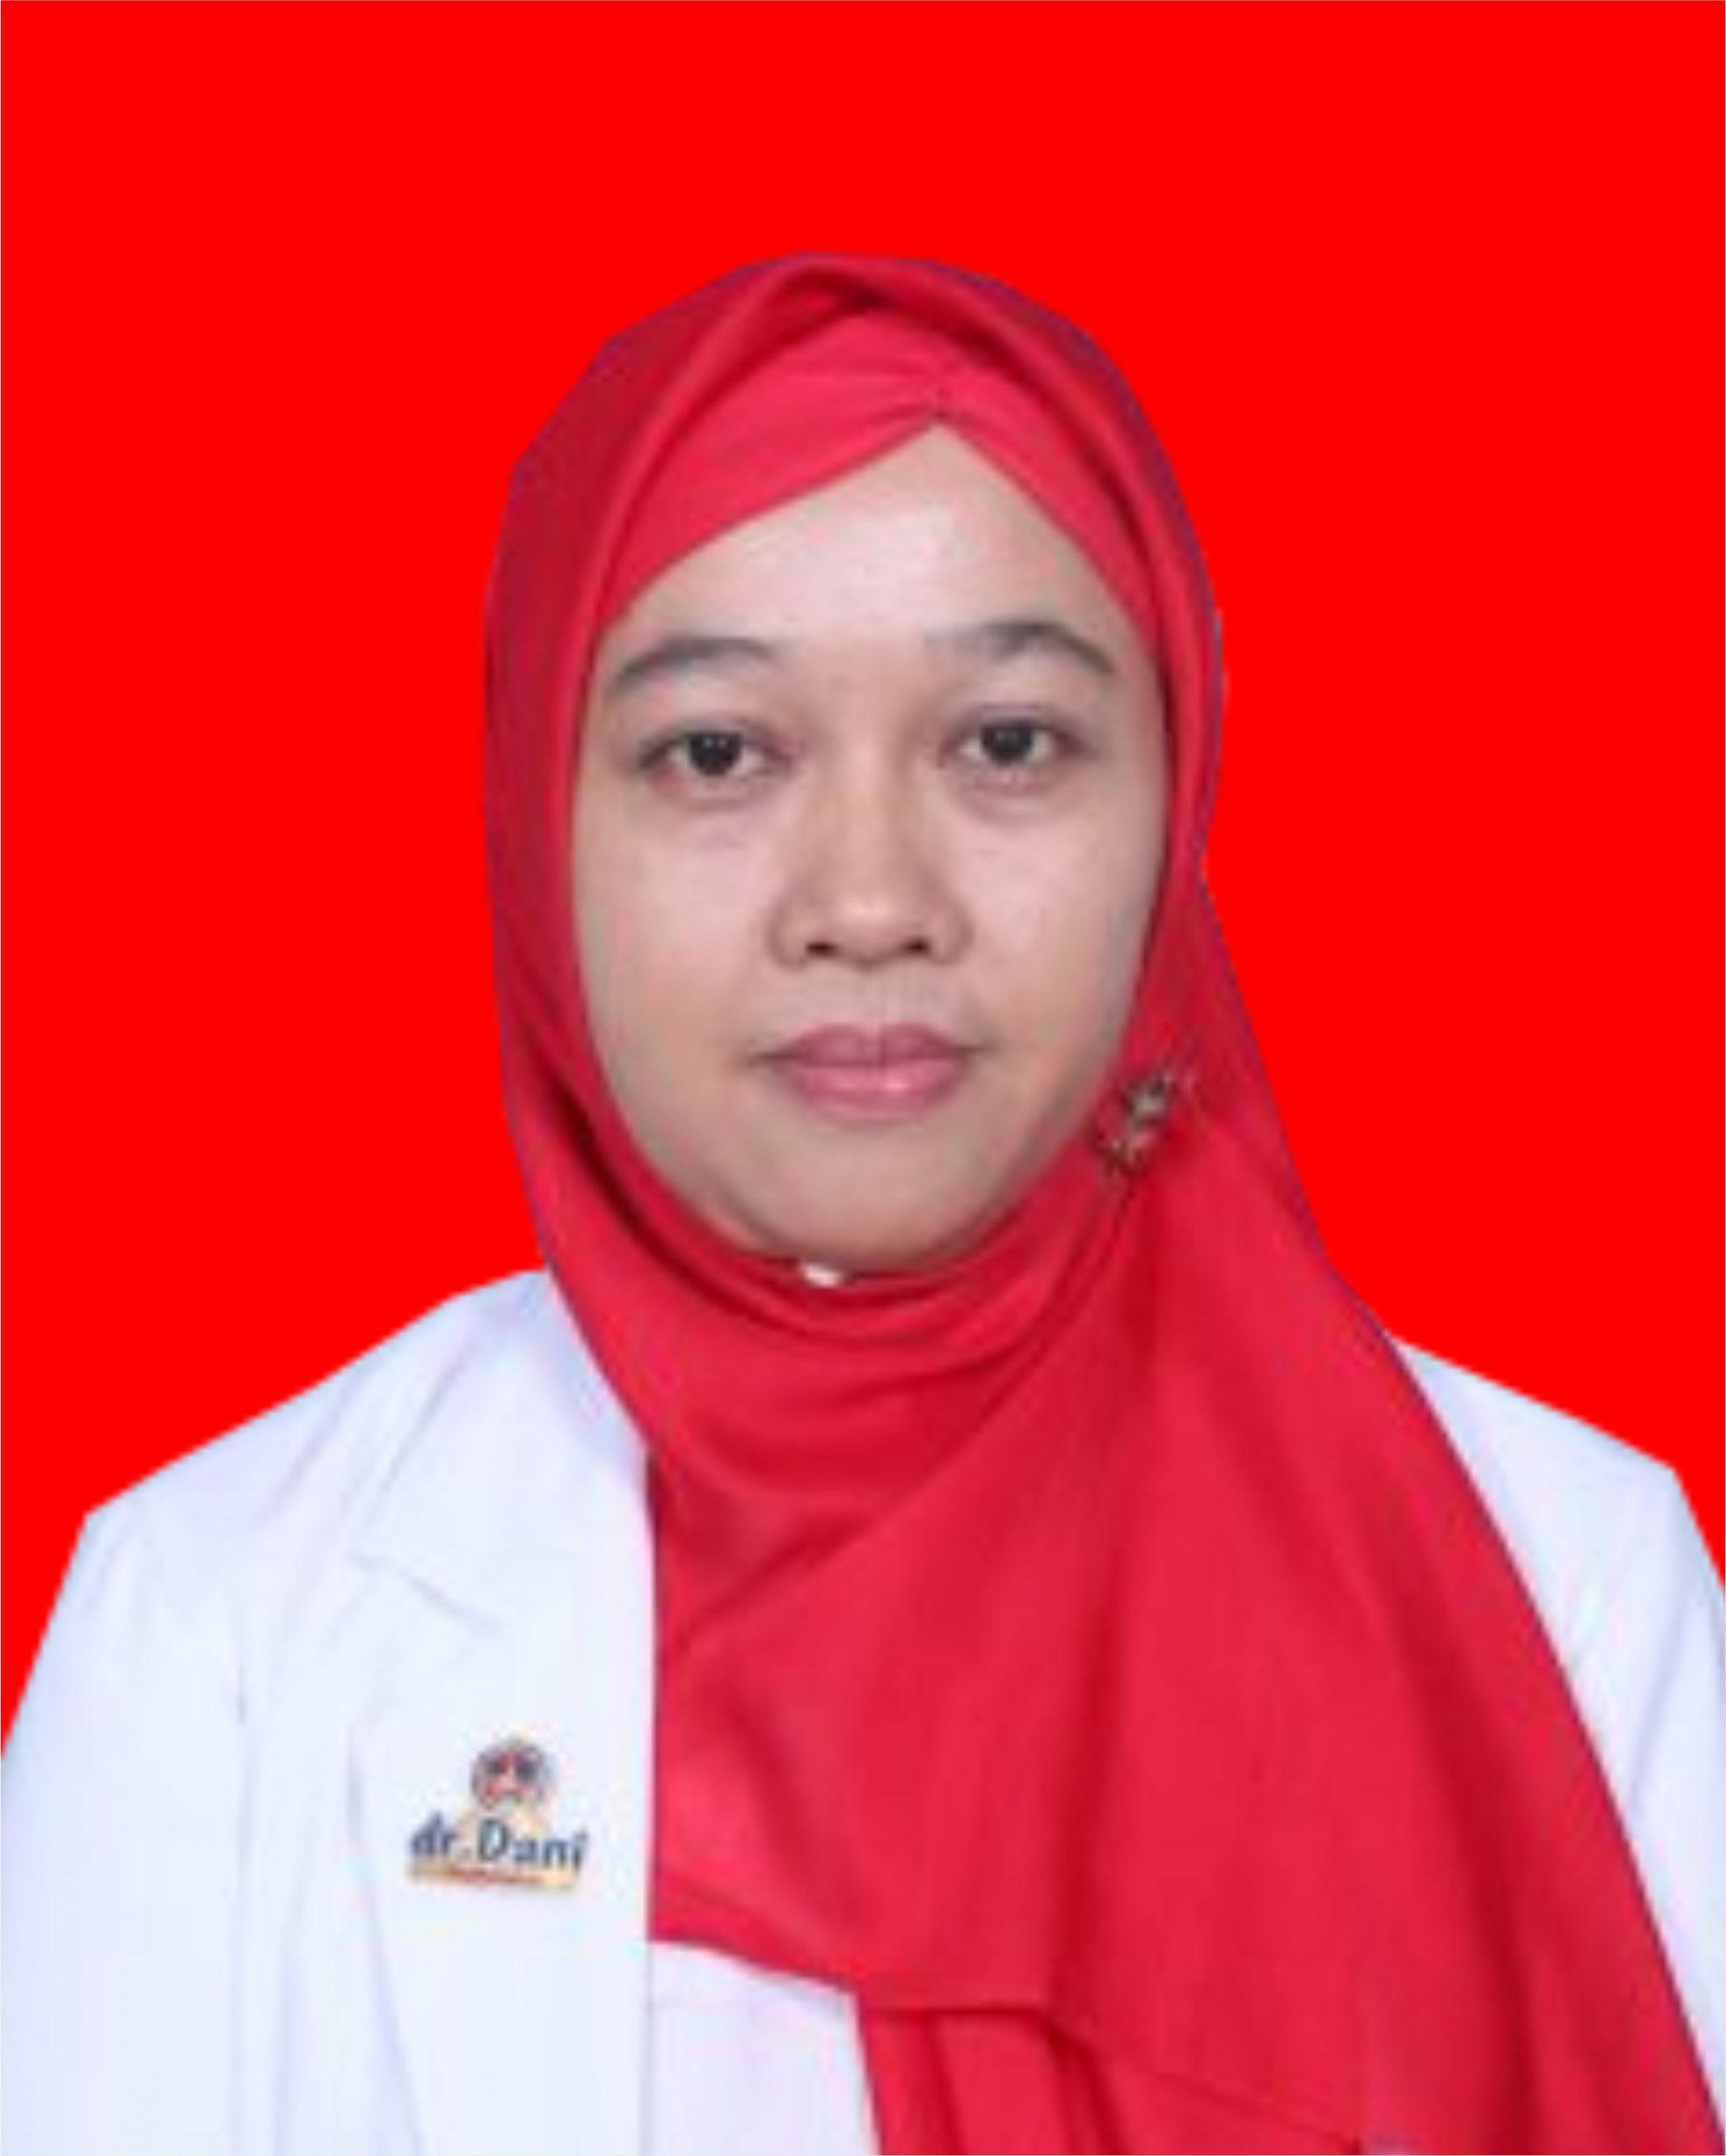 dr. Dani Mustikawati, Sp. Rad